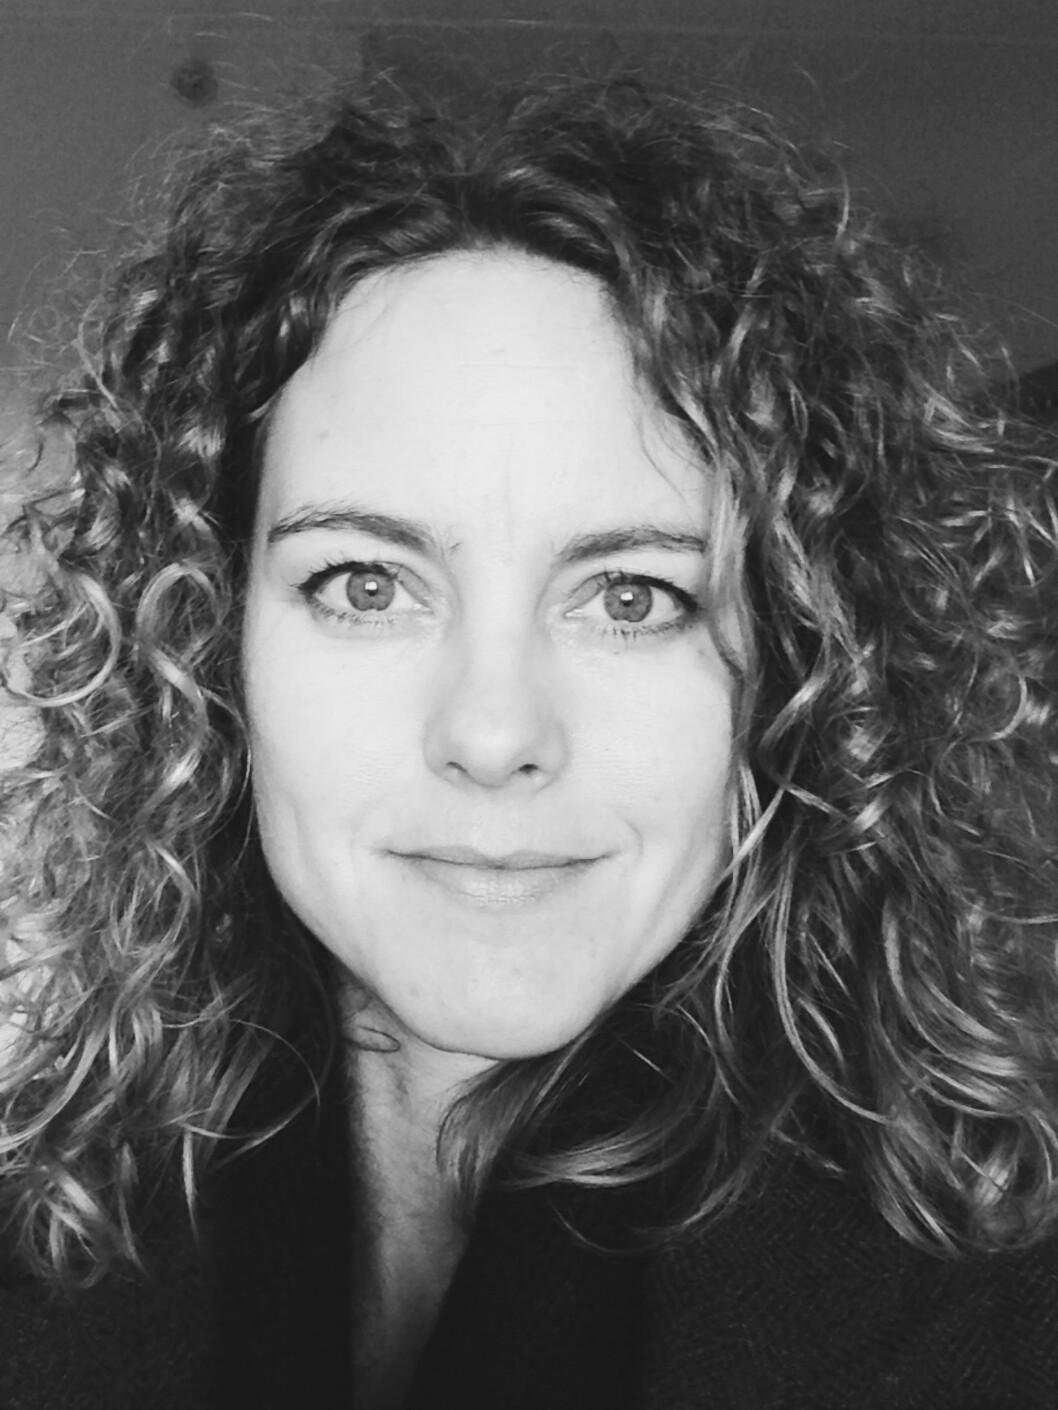 DET ER IKKE FARLIG Å KRANGLE: Psykolog og familieterapeut Yvonne Severinsen mener at det er lurt å øve på litt sunnere krangling. Ja, du hørte riktig!